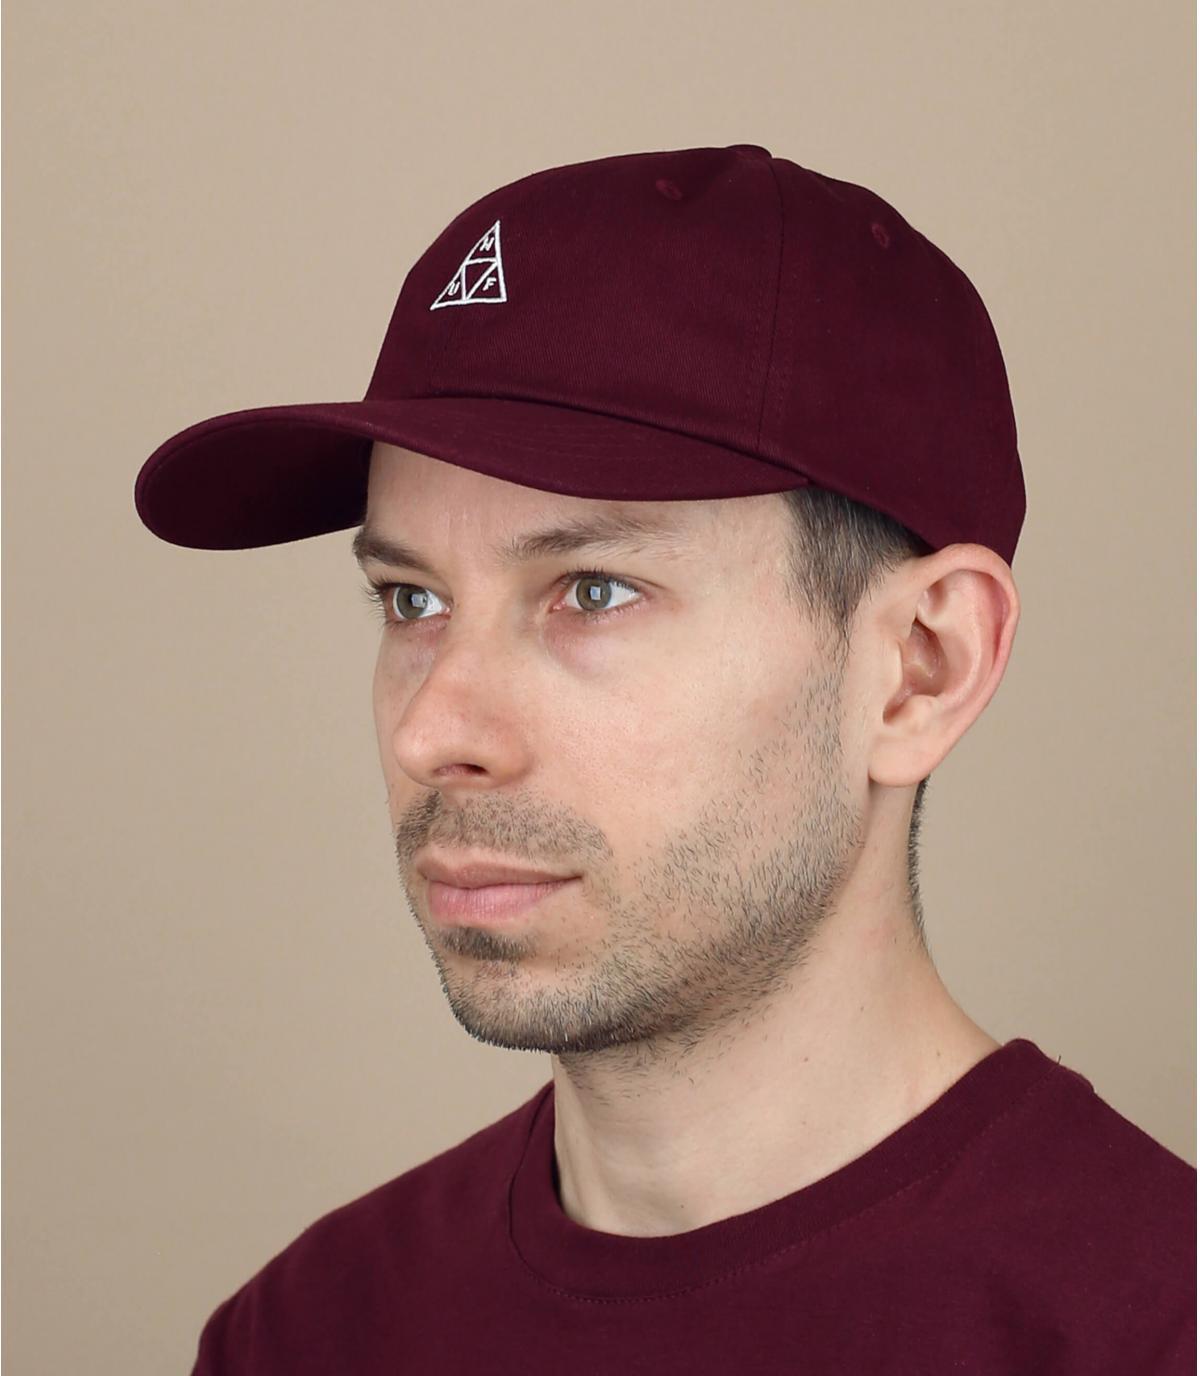 bordeauxrode Huf cap